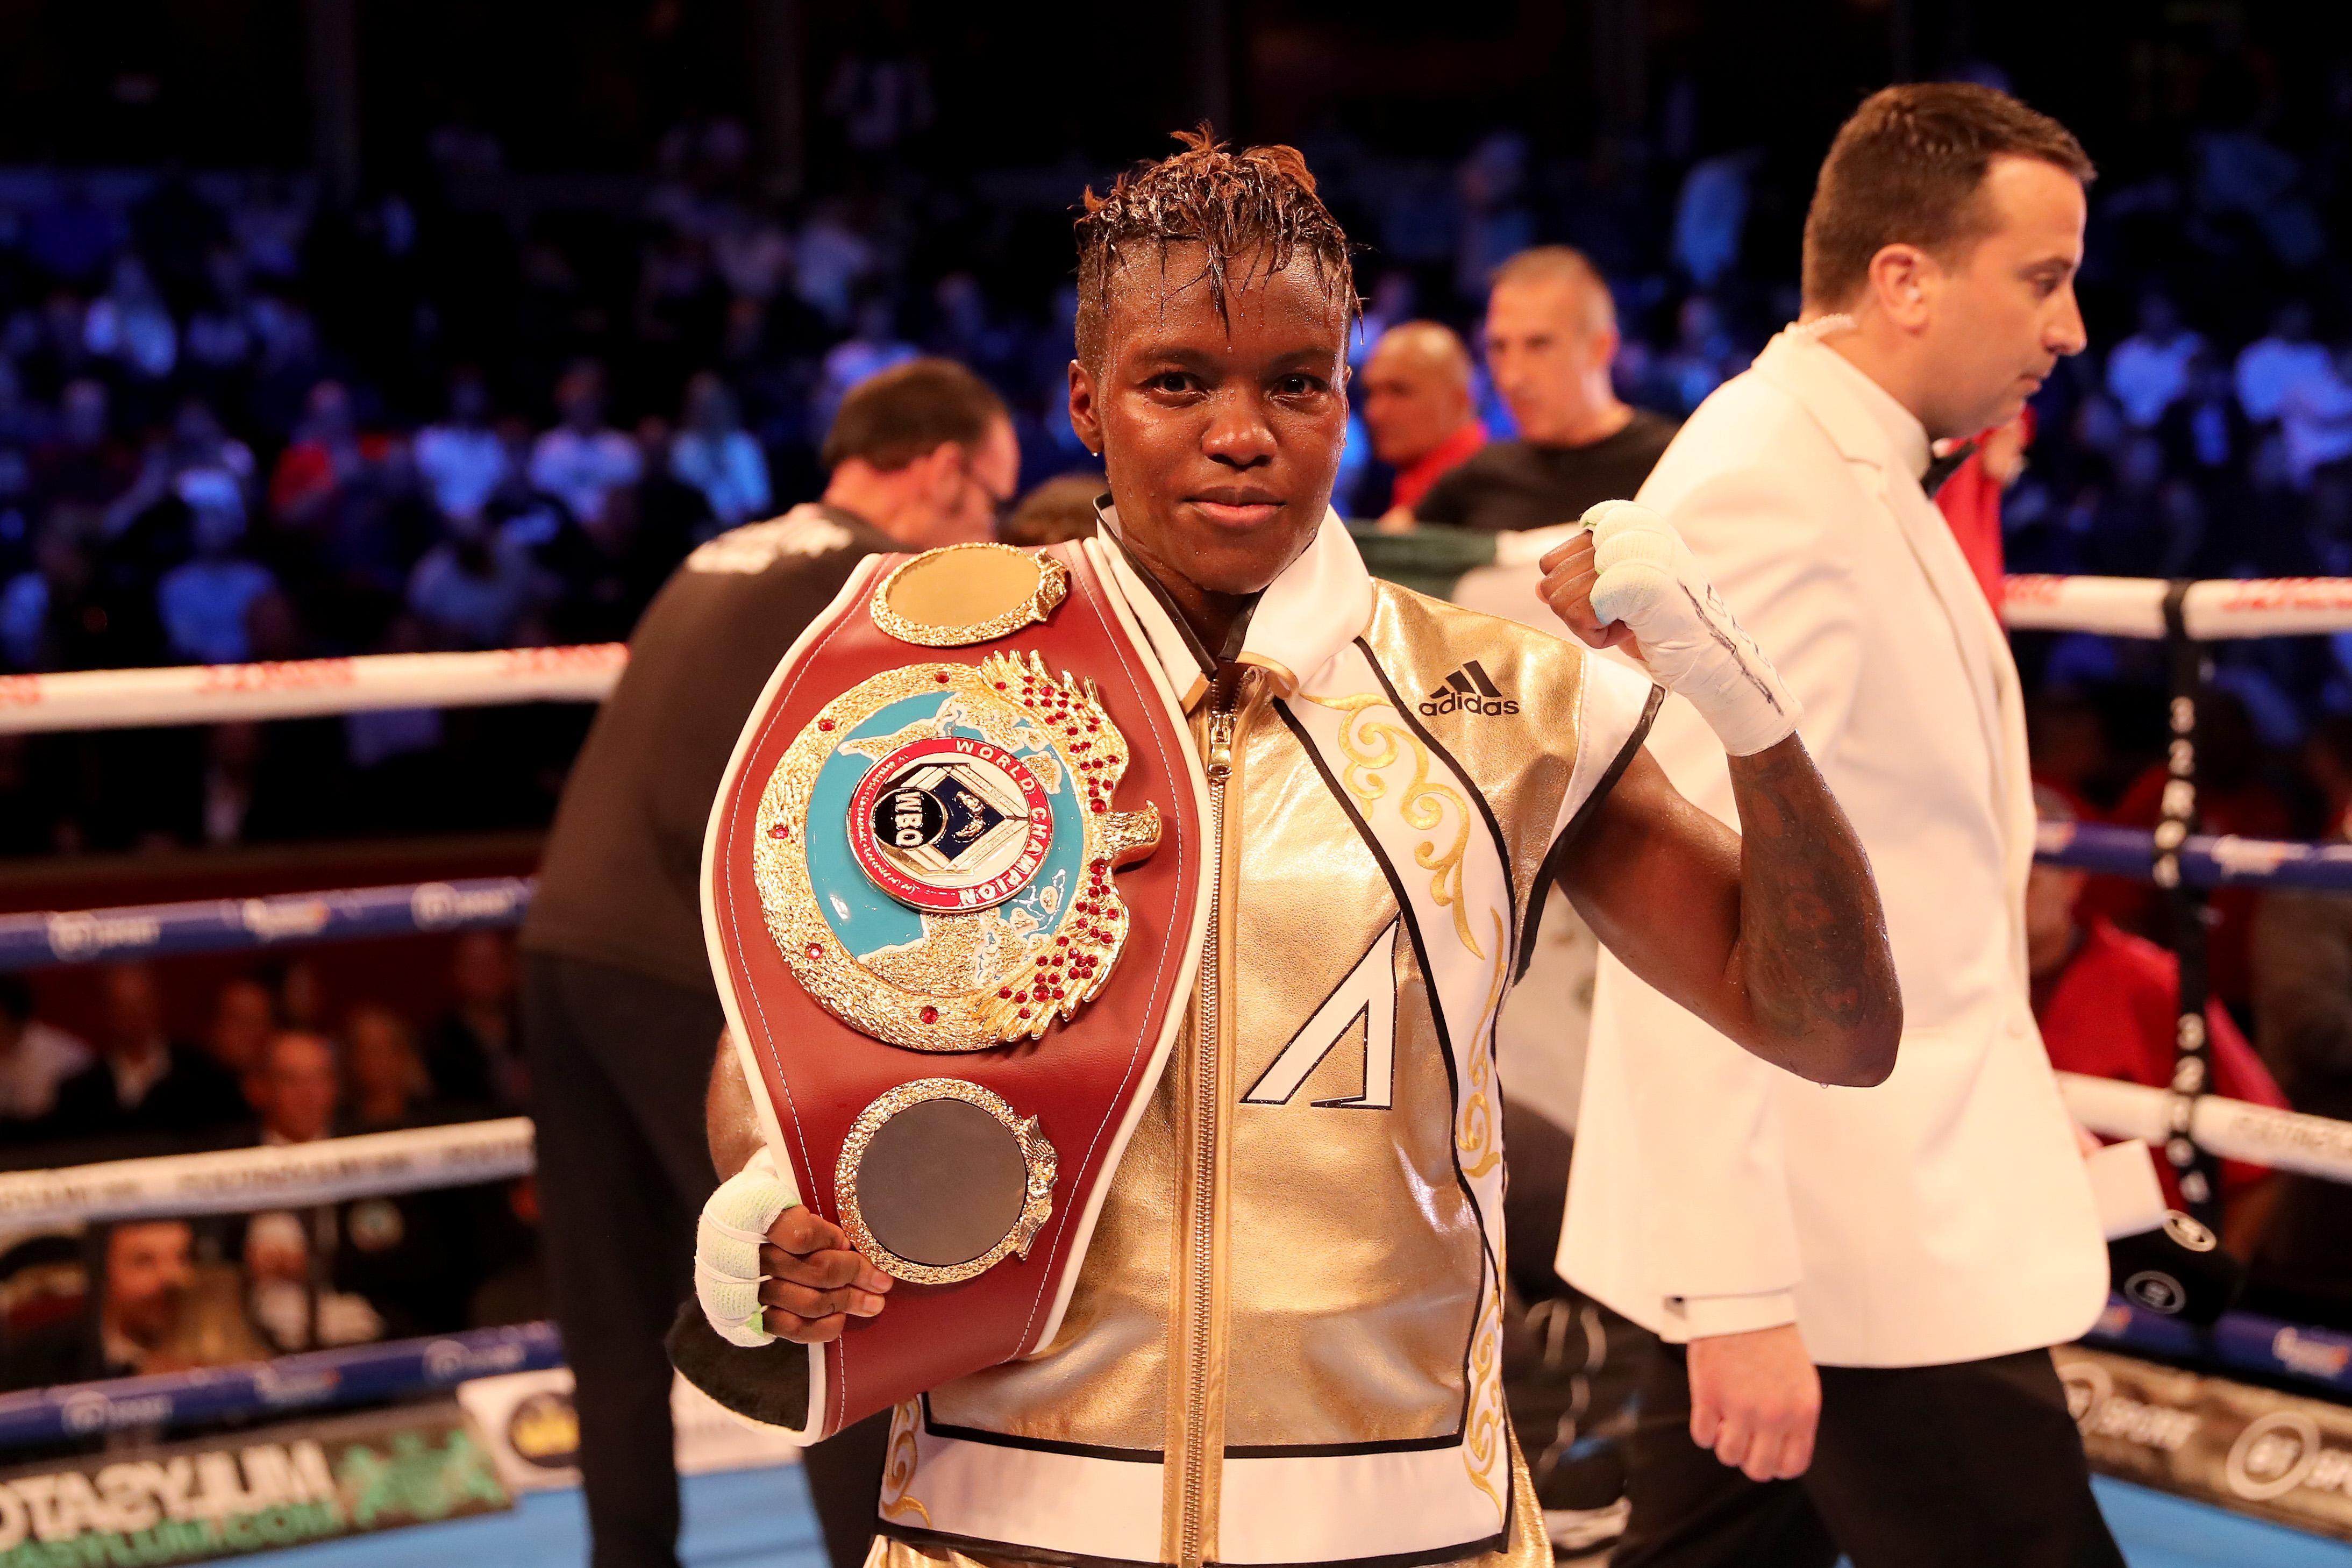 Boxing at The Royal Albert Hall